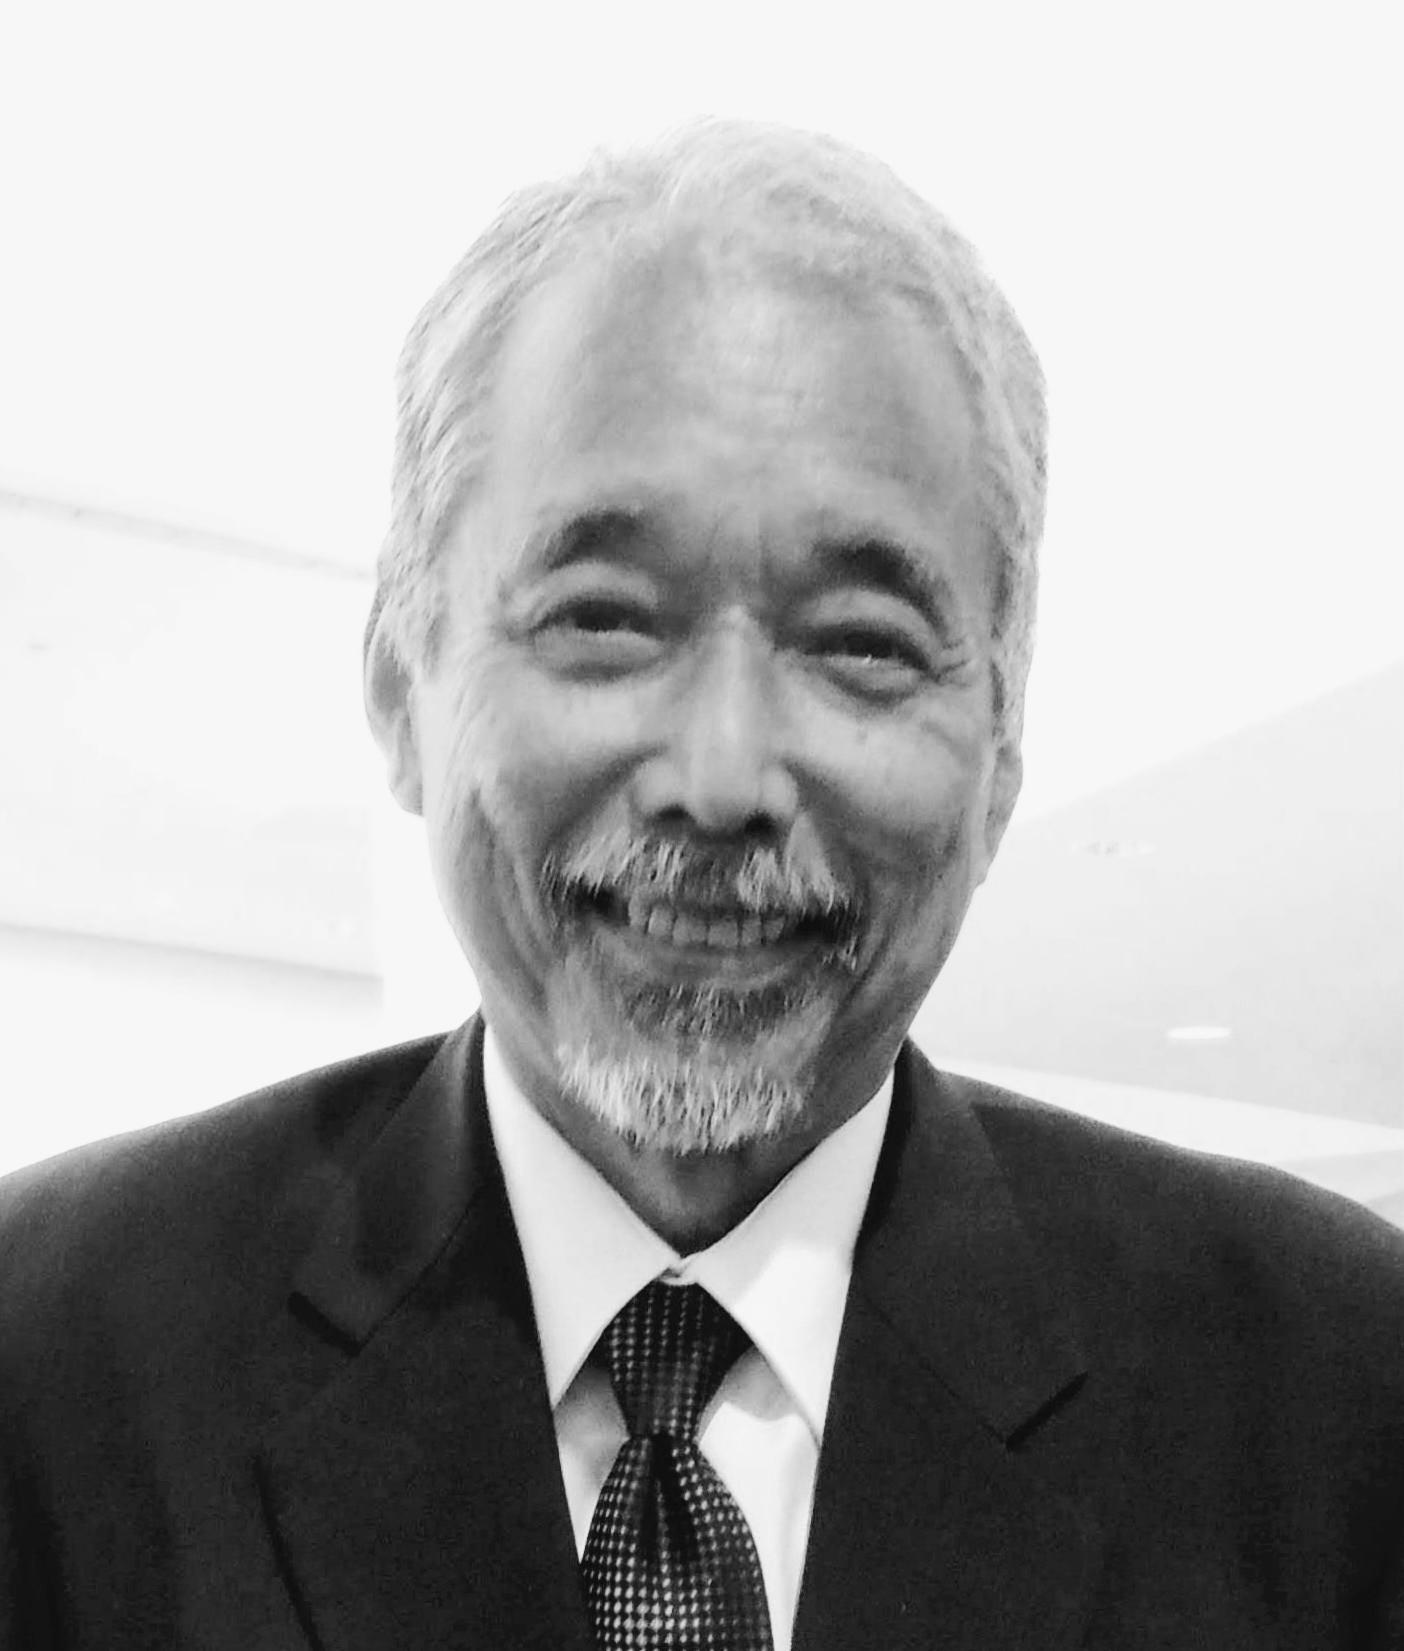 Lawrence Isao Kawasaki